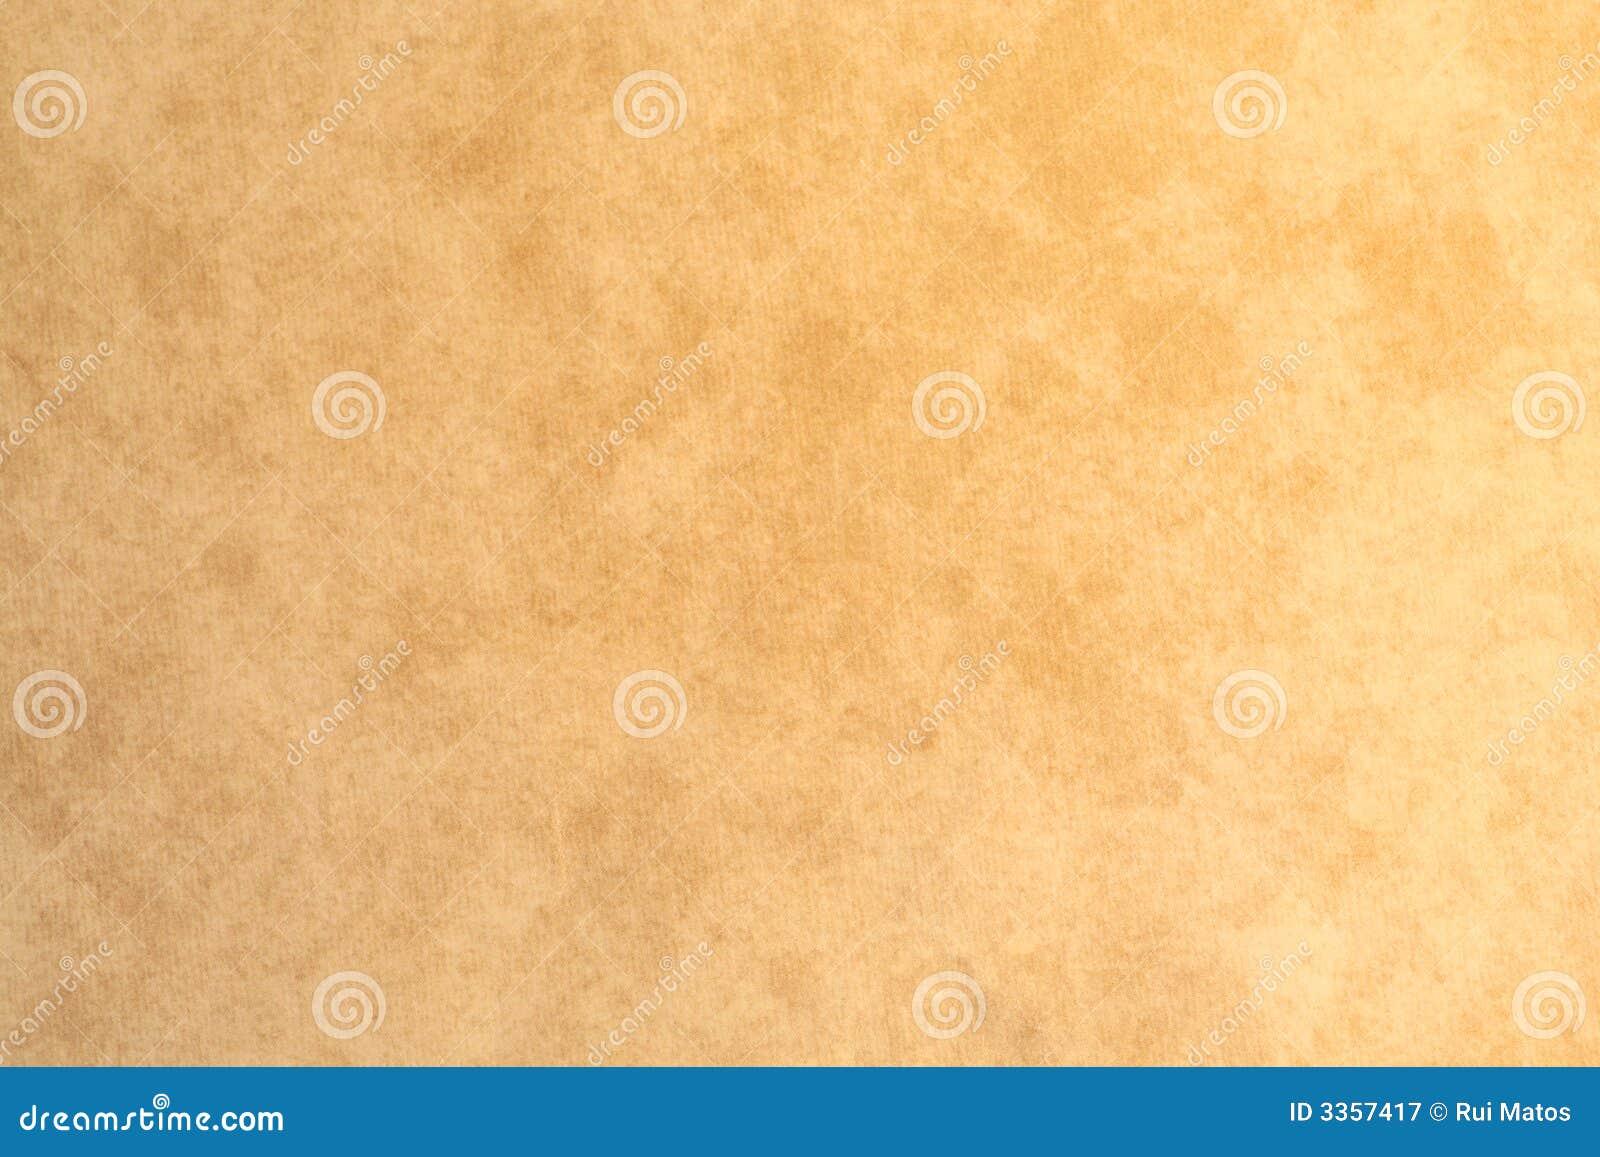 Viejo fondo de papel